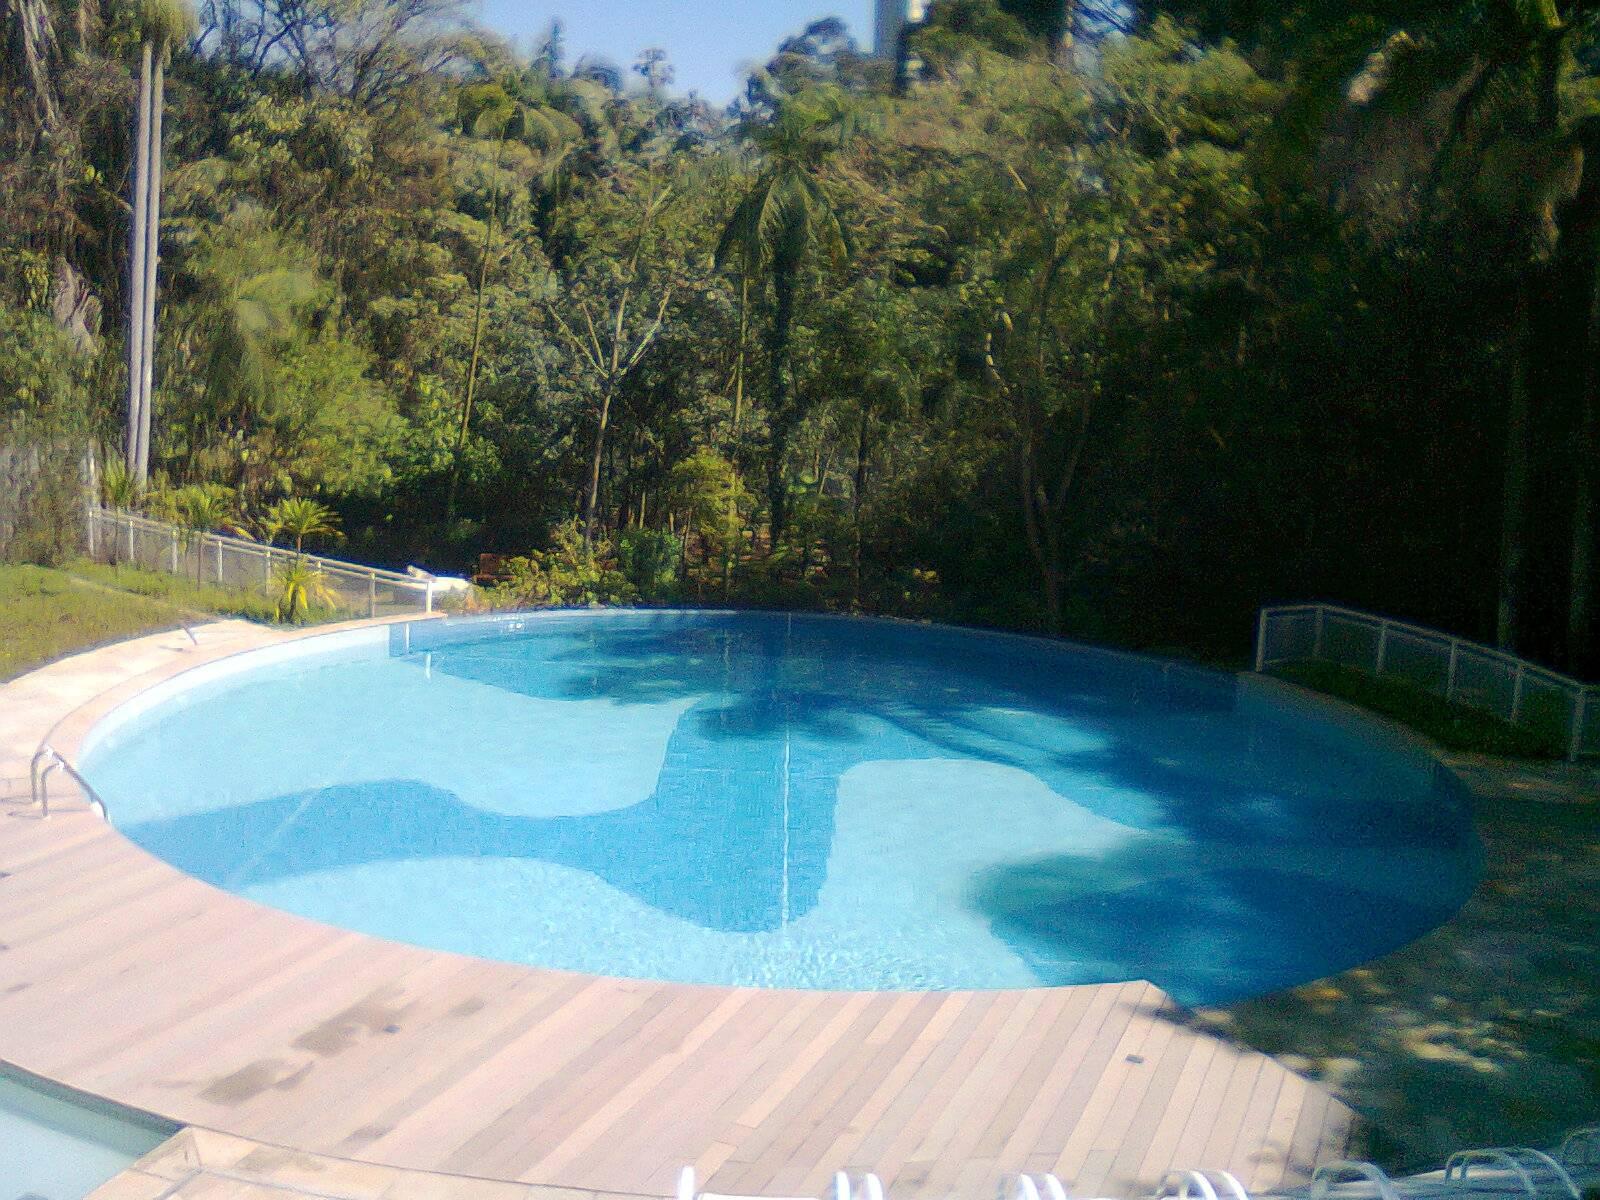 Serviço Manutenção Piscina na Vila Praia - Limpeza Urgente de Piscina